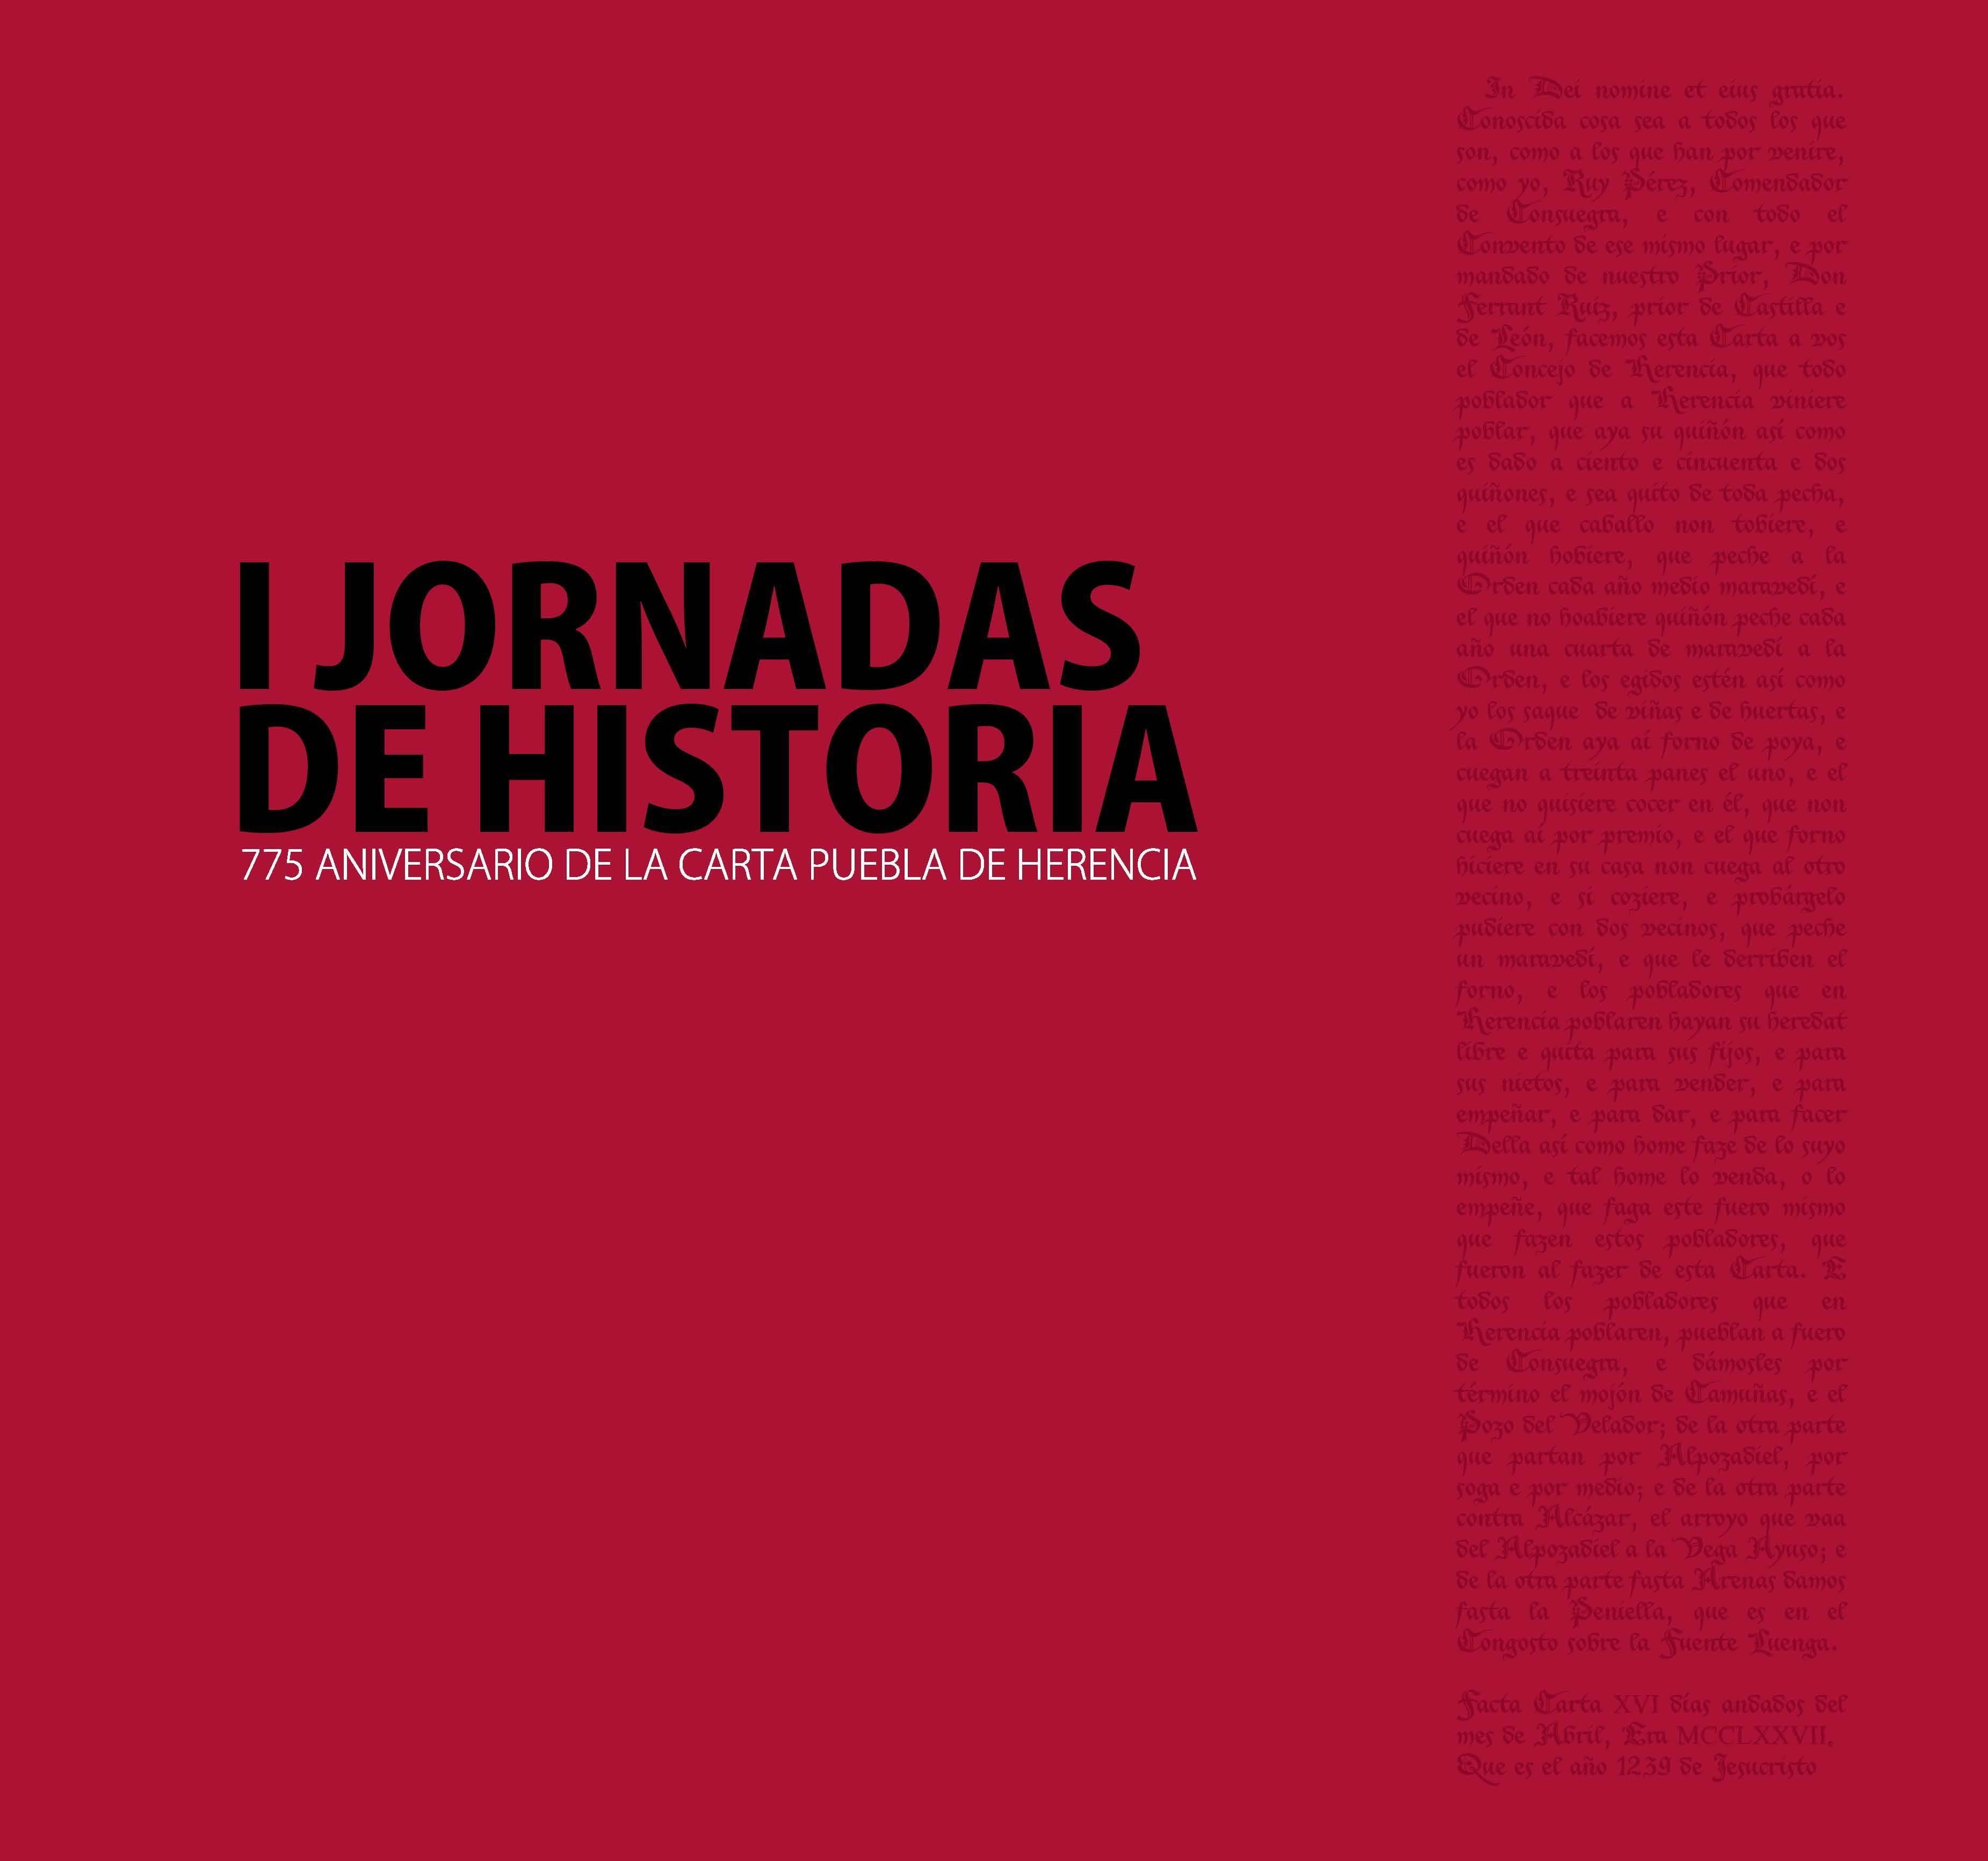 herencia portada libro jornadas historicas - Se dará a conocer el libro de las I Jornadas Históricas 775 Aniversario de la Carta Puebla en el acto del Día de la Constitución